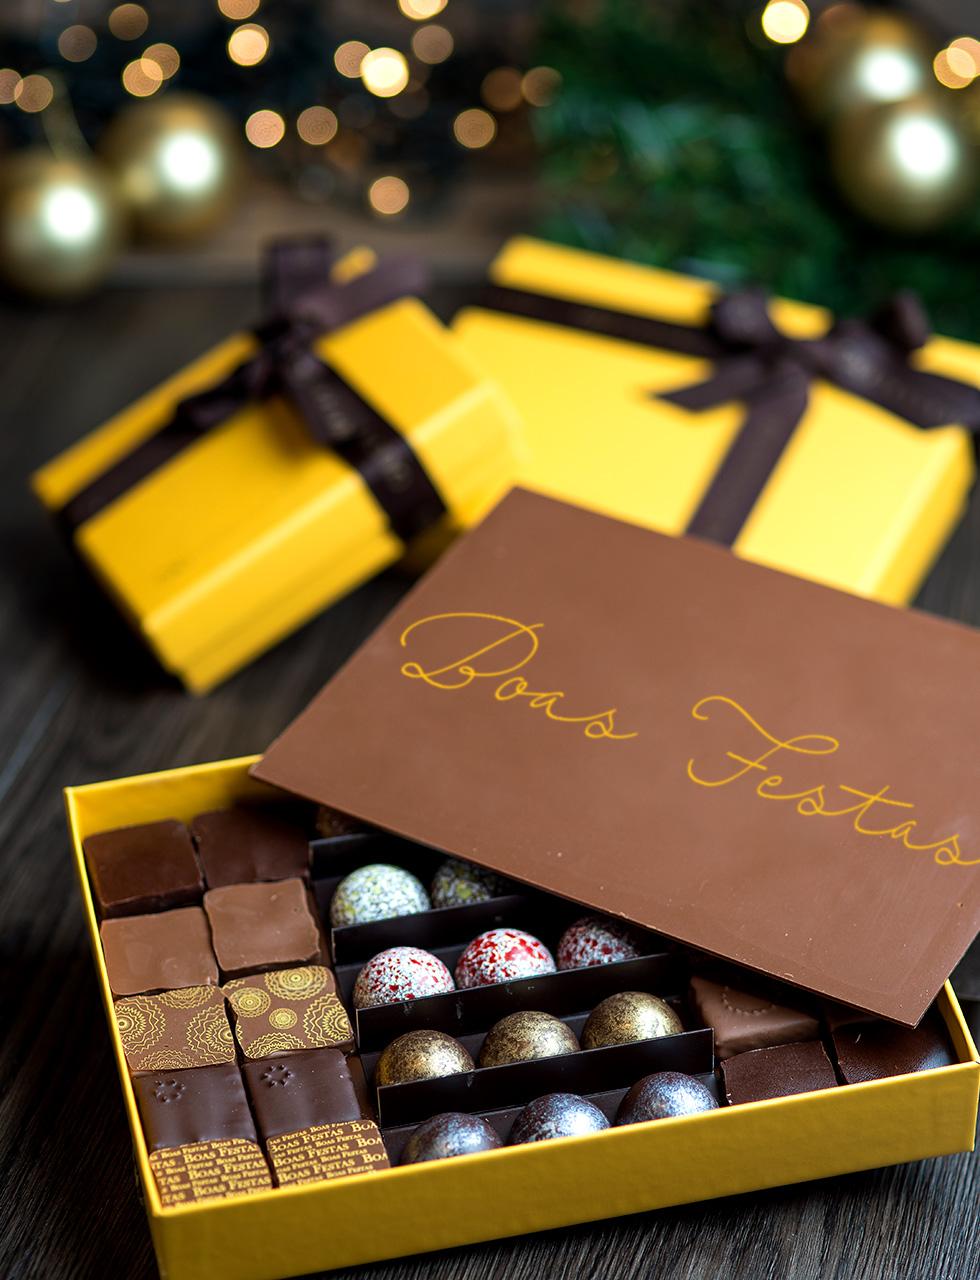 Yellow Box Boas Festas Bombons sortidos e placa de Boas Festas cod 1204 - caixa com 12 bombons - R$ 114 cod 1205 - caixa com 22 bombons - R$ 162 cod 1206 - caixa com 35 bombons - R$ 240